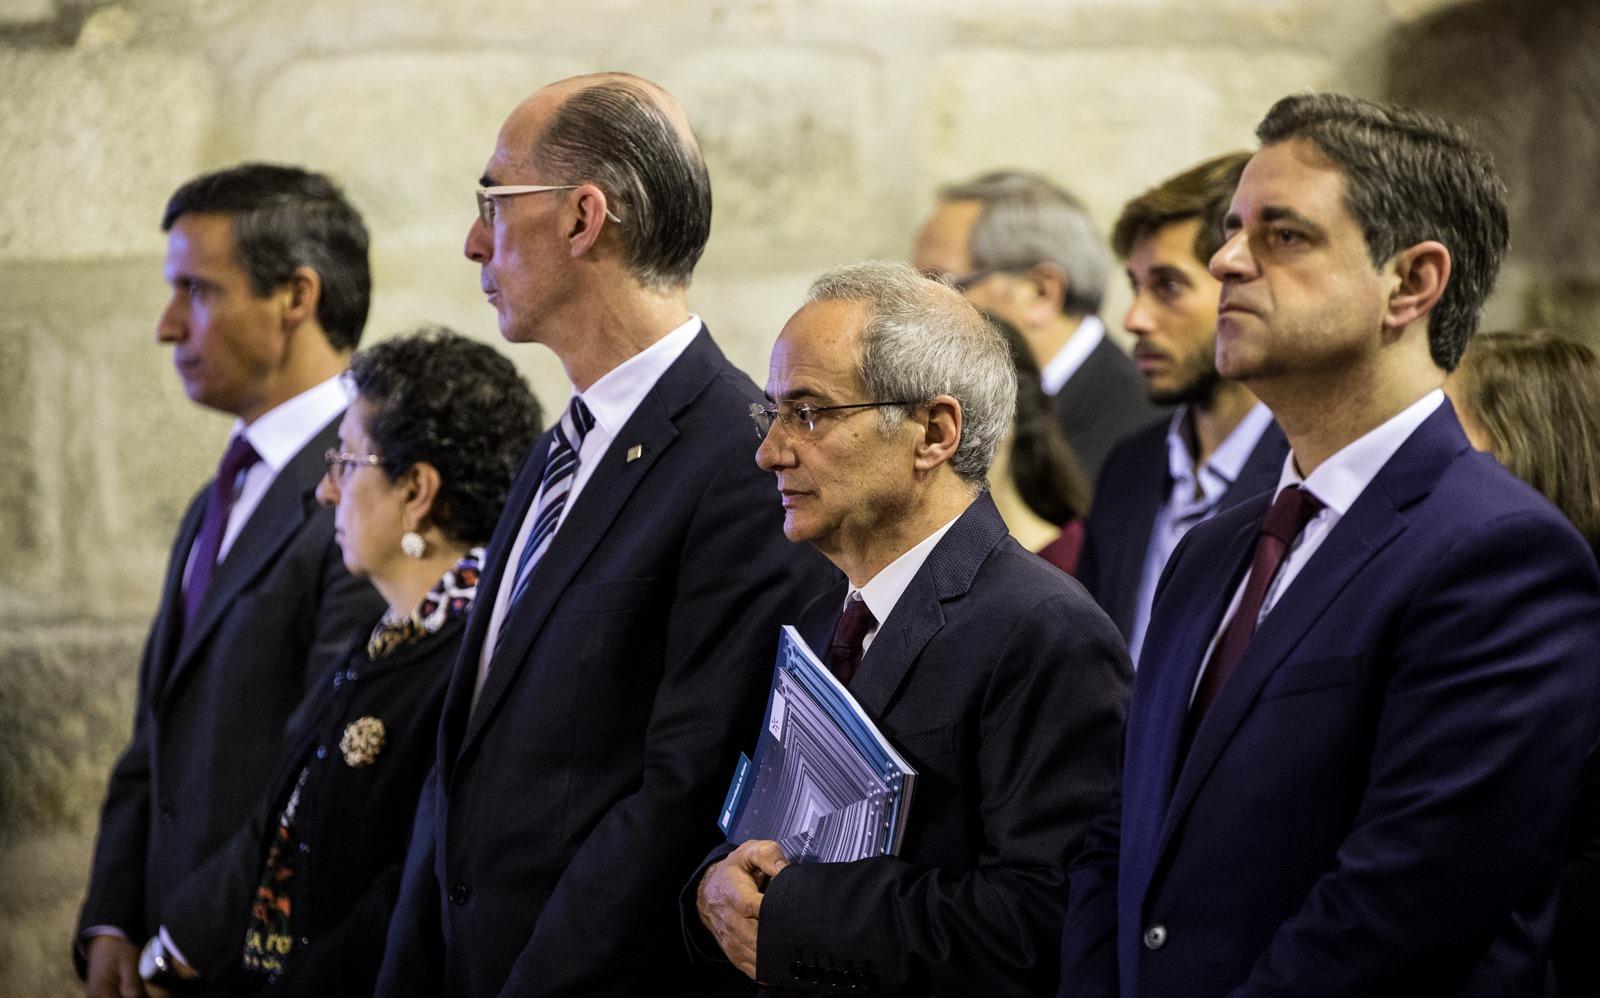 Autarcas de Guimarães, Braga e Famalicão entre a plateia (foto: Nuno Gonçalves)